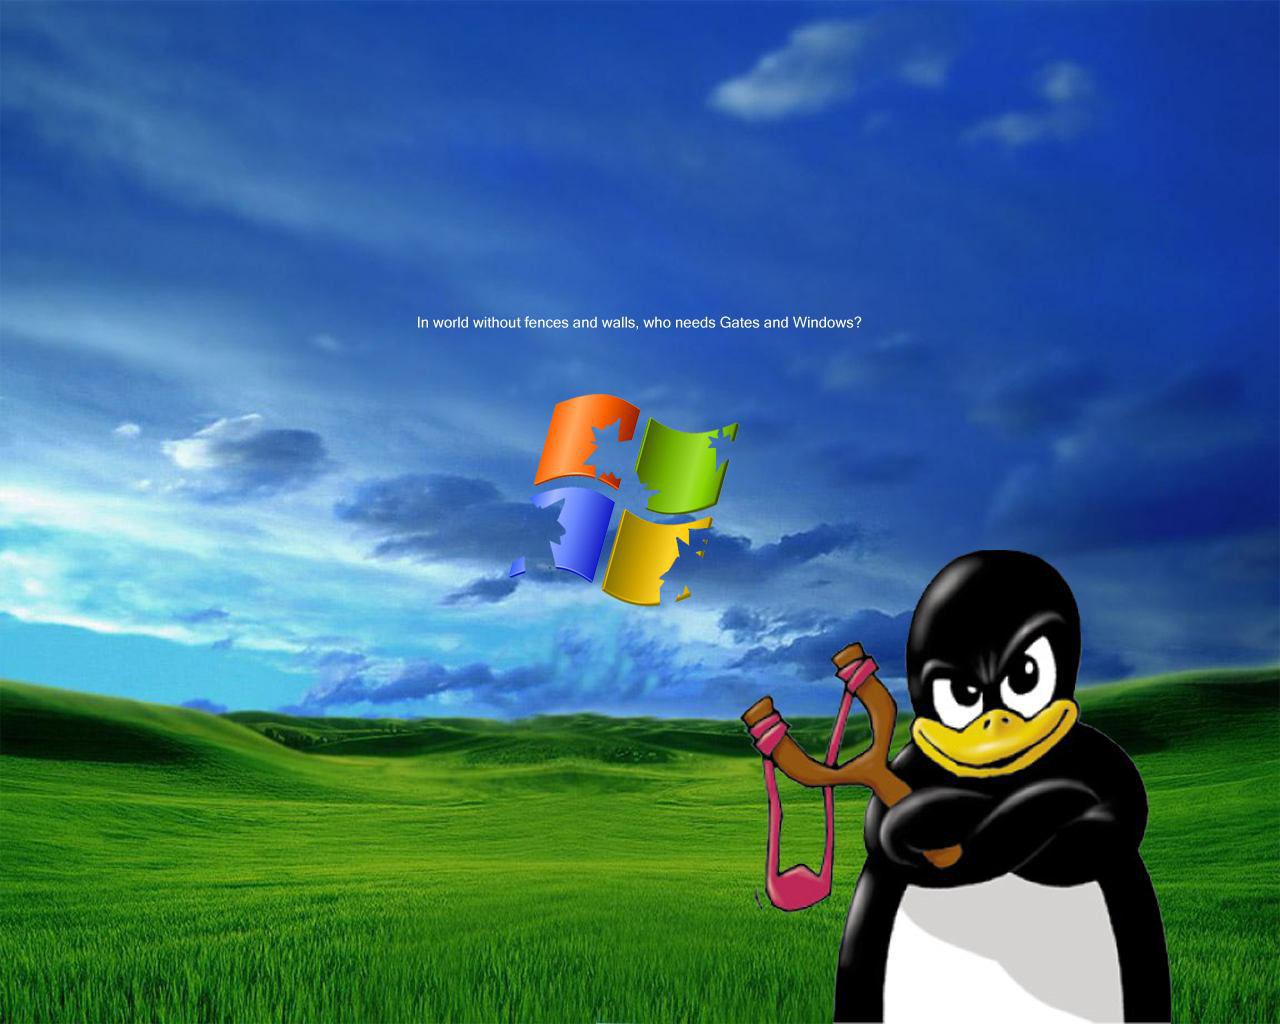 desktopwallpaperjpg 1280x1024